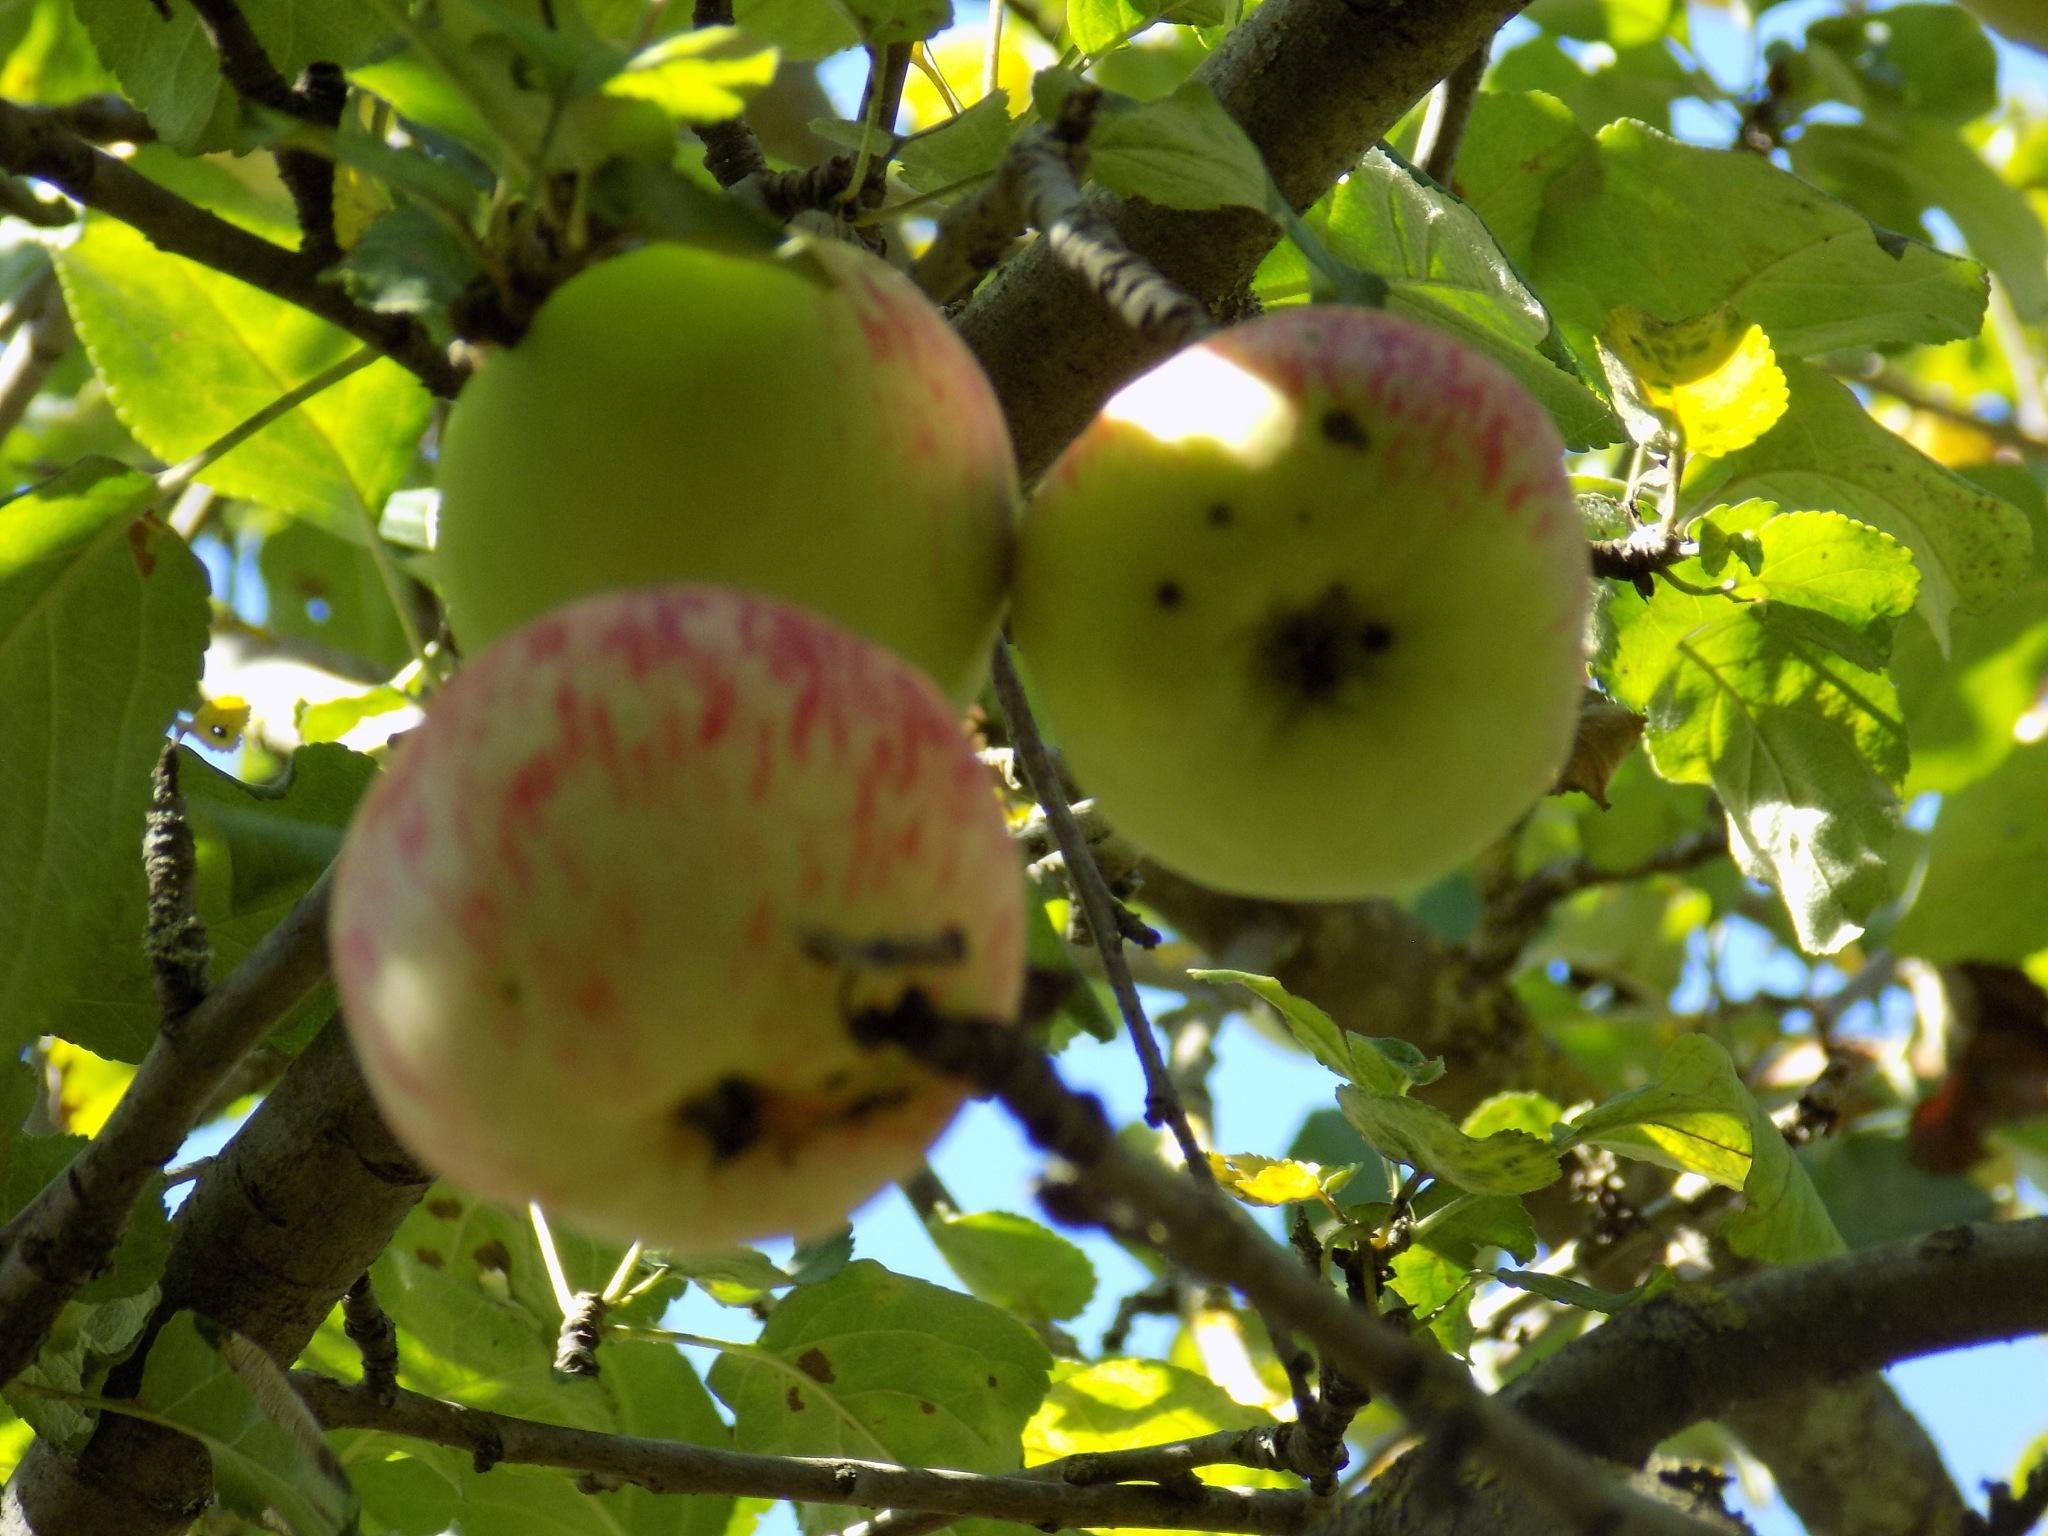 Apples by uzkuraitiene62